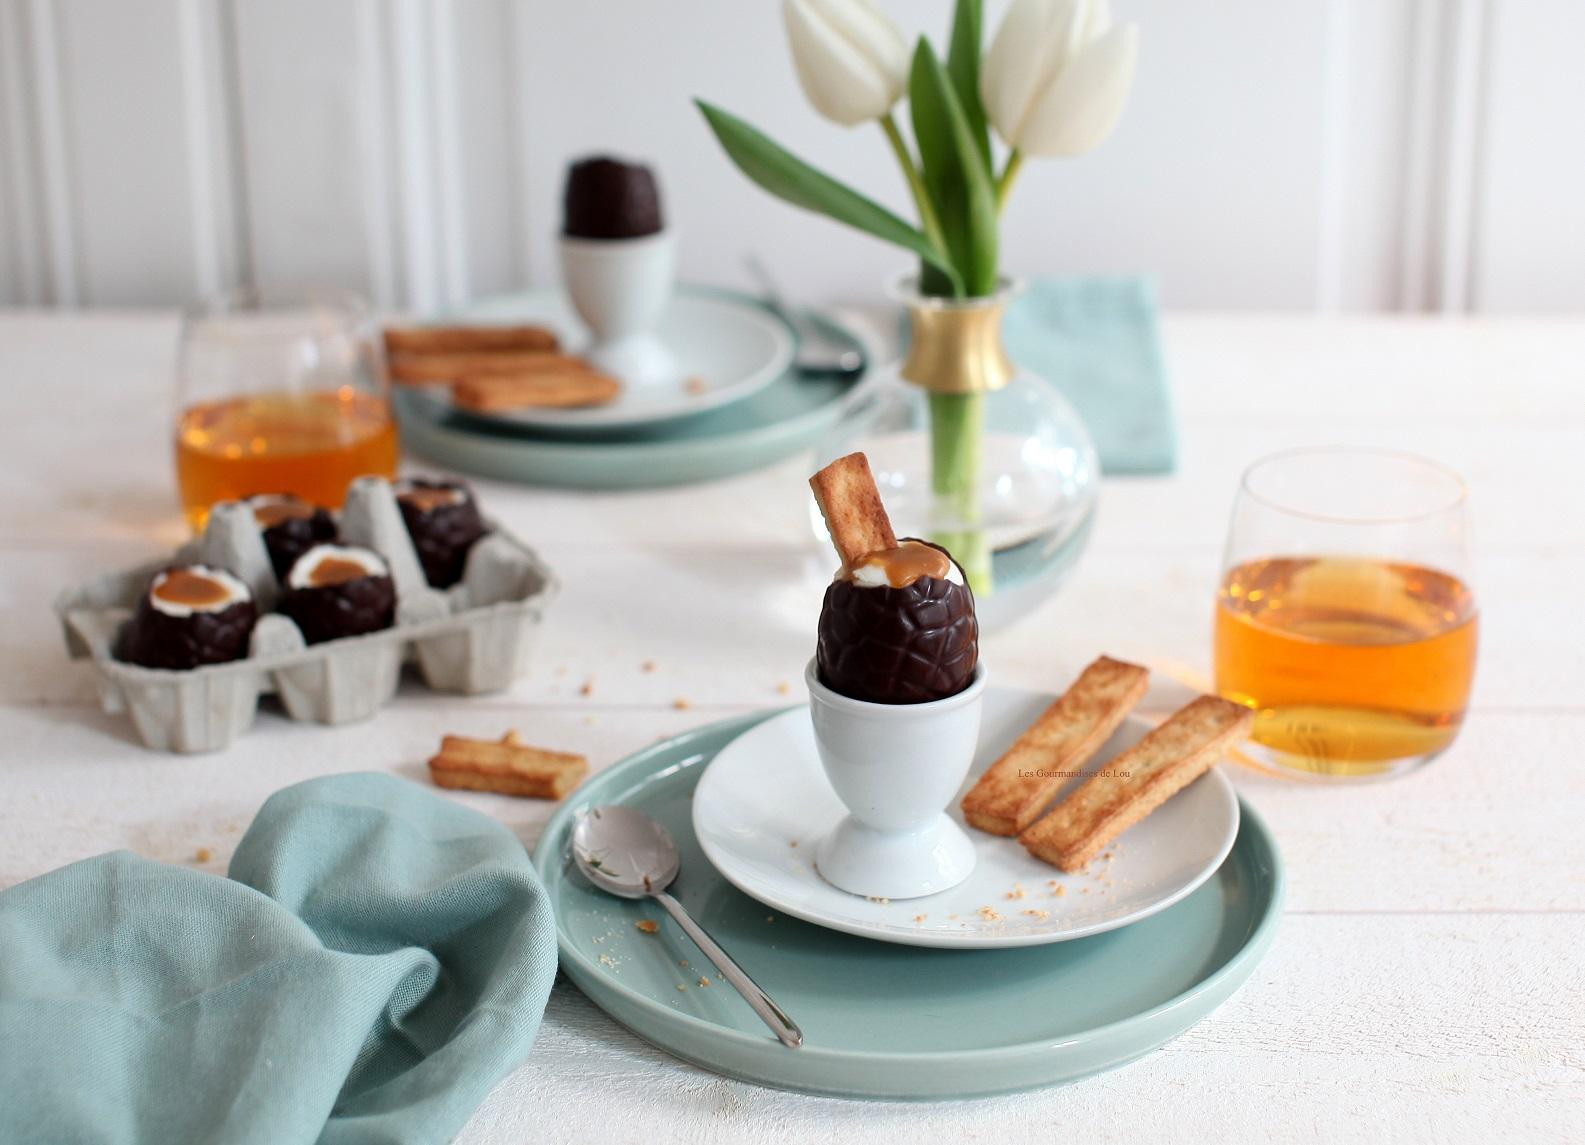 oeufs paques mousse de noix de coco caramel de cidre mouillettes au cidre